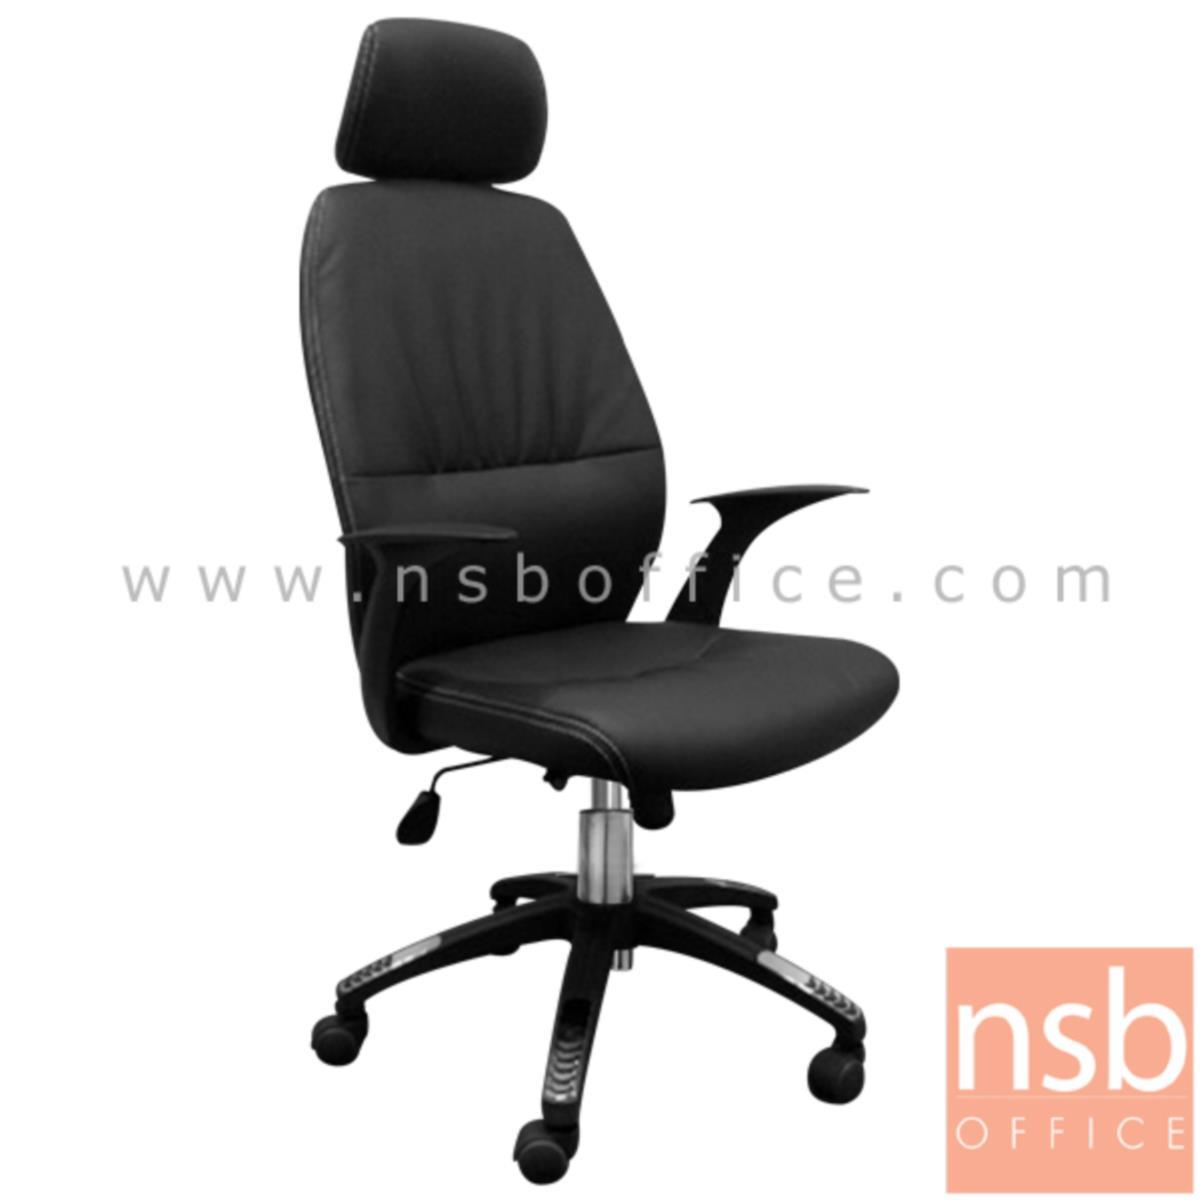 B25A068:เก้าอี้ผู้บริหาร รุ่น Qualia (ควอเลีย)  โช๊คแก๊ส มีก้อนโยก ขาเหล็กชุบโครเมี่ยม